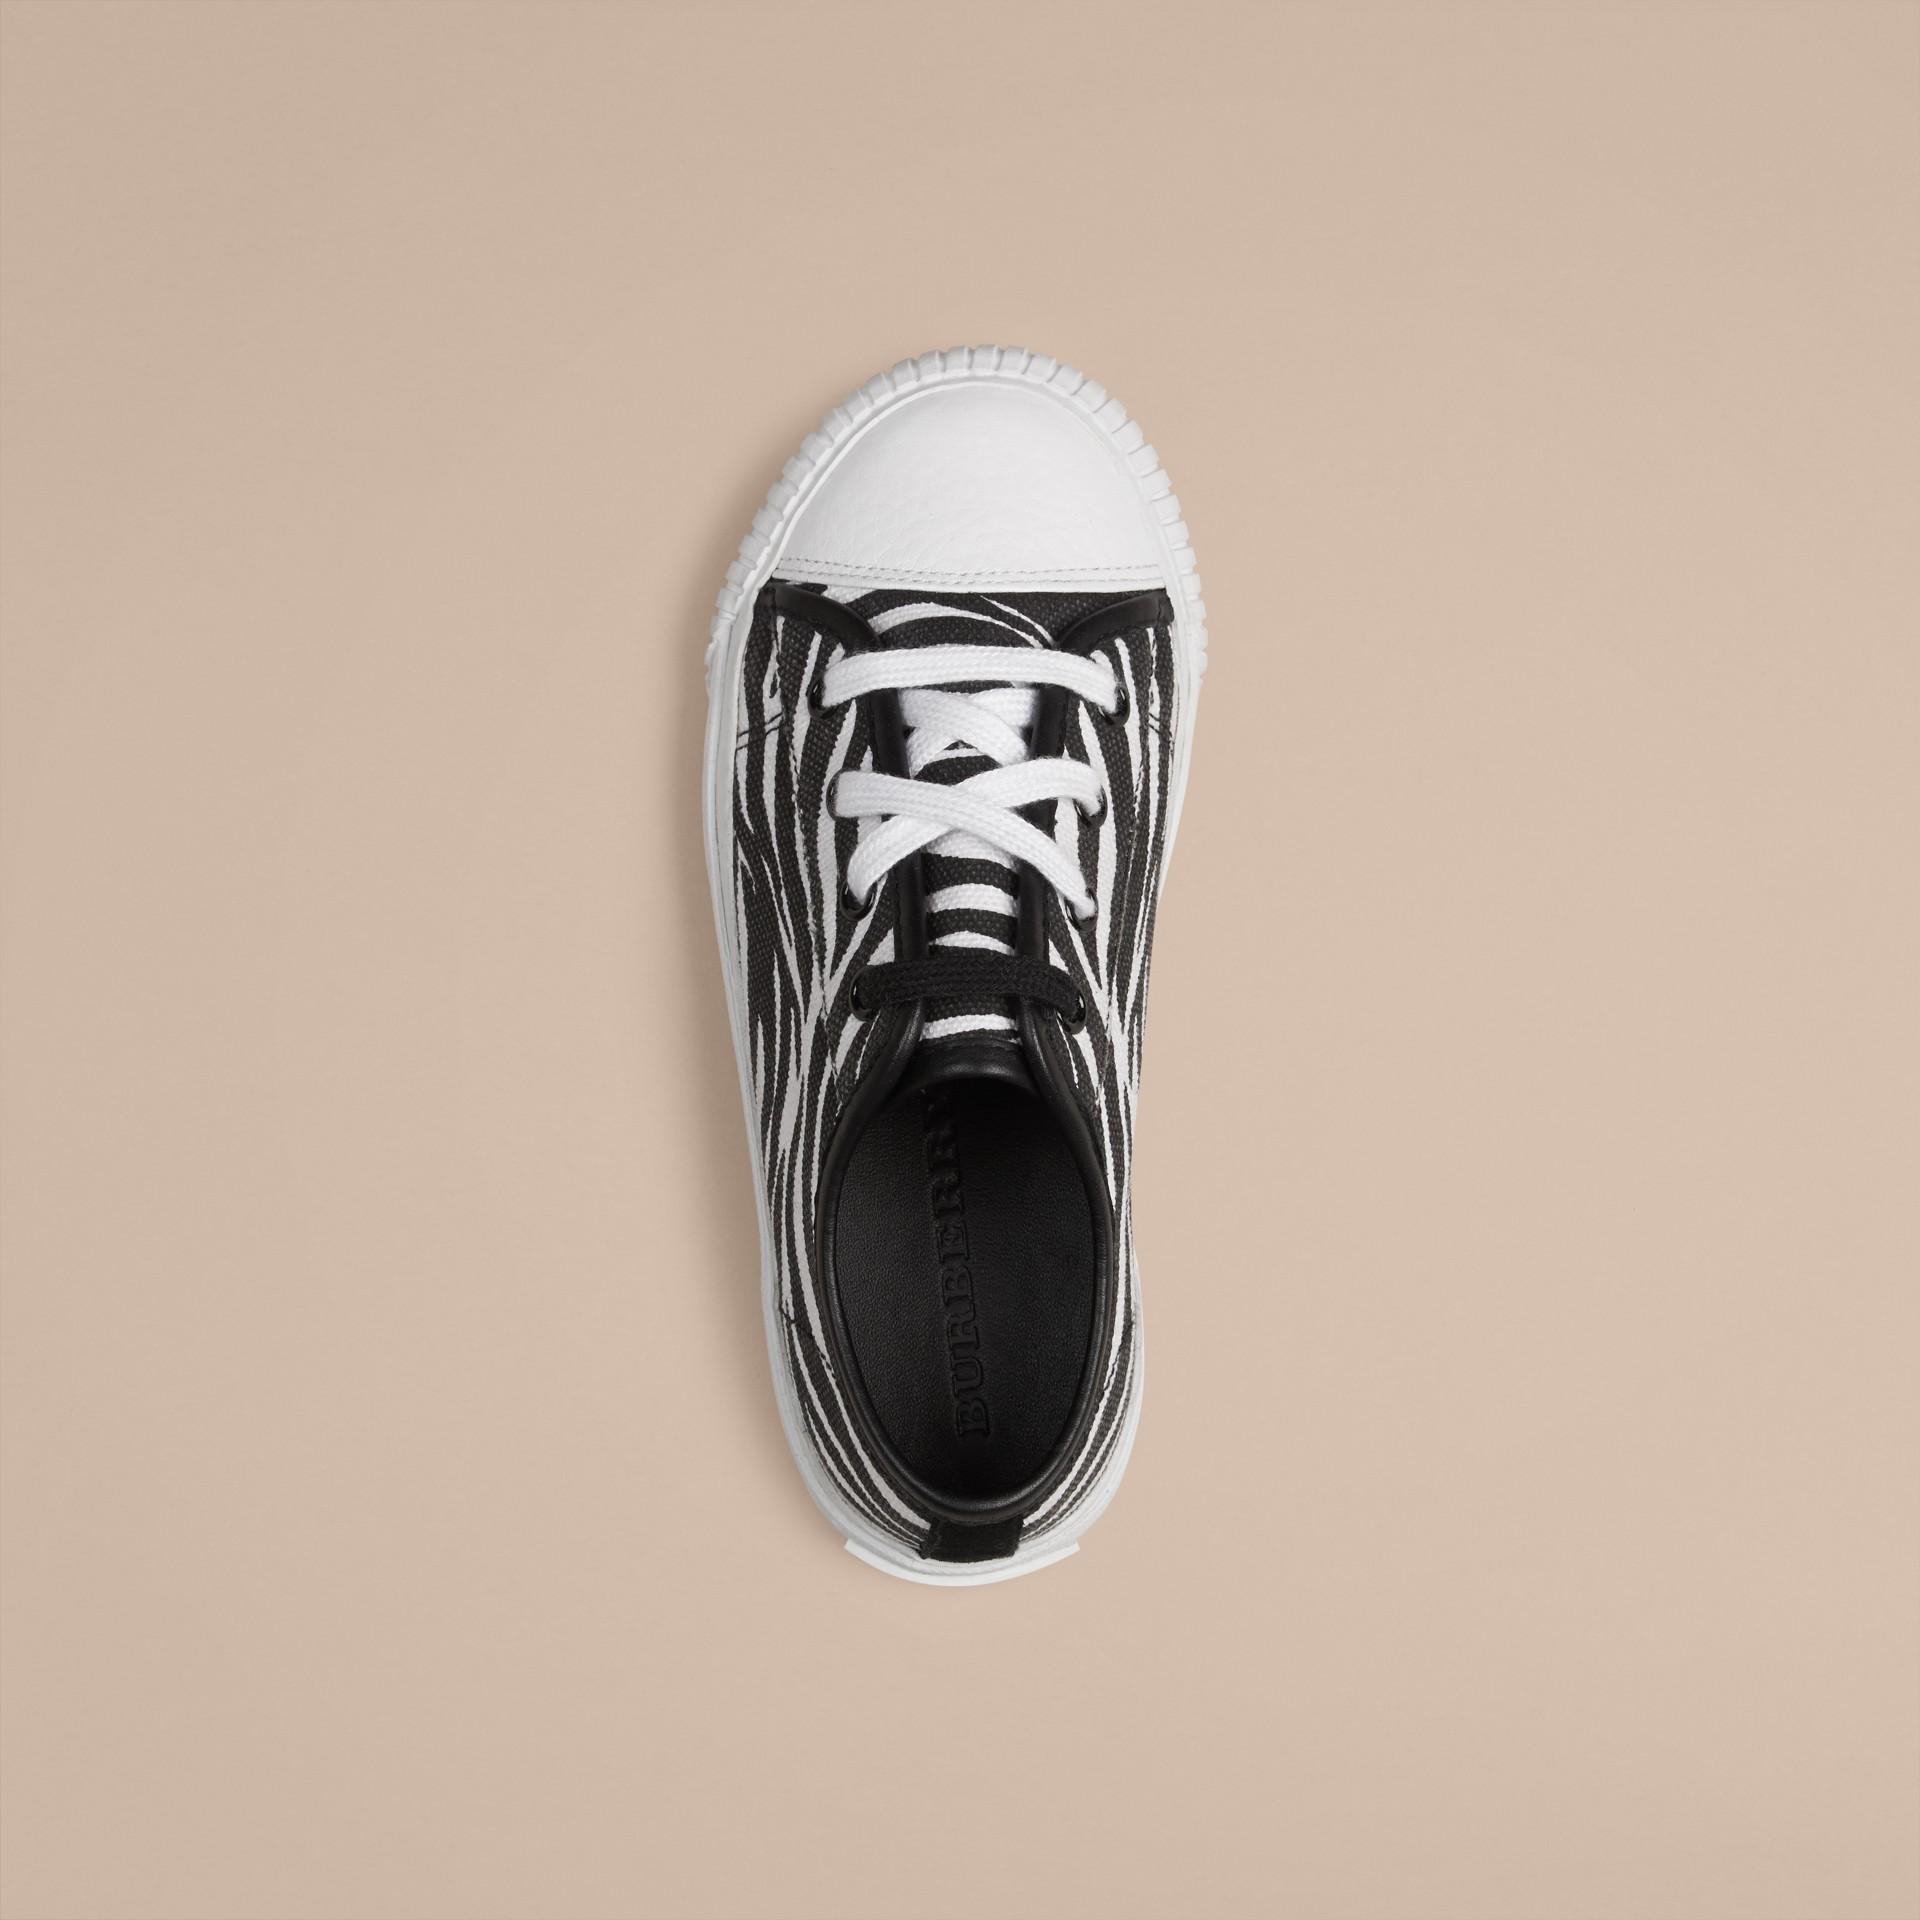 Nero/bianco Sneaker in tela con stampa zebrata - immagine della galleria 3